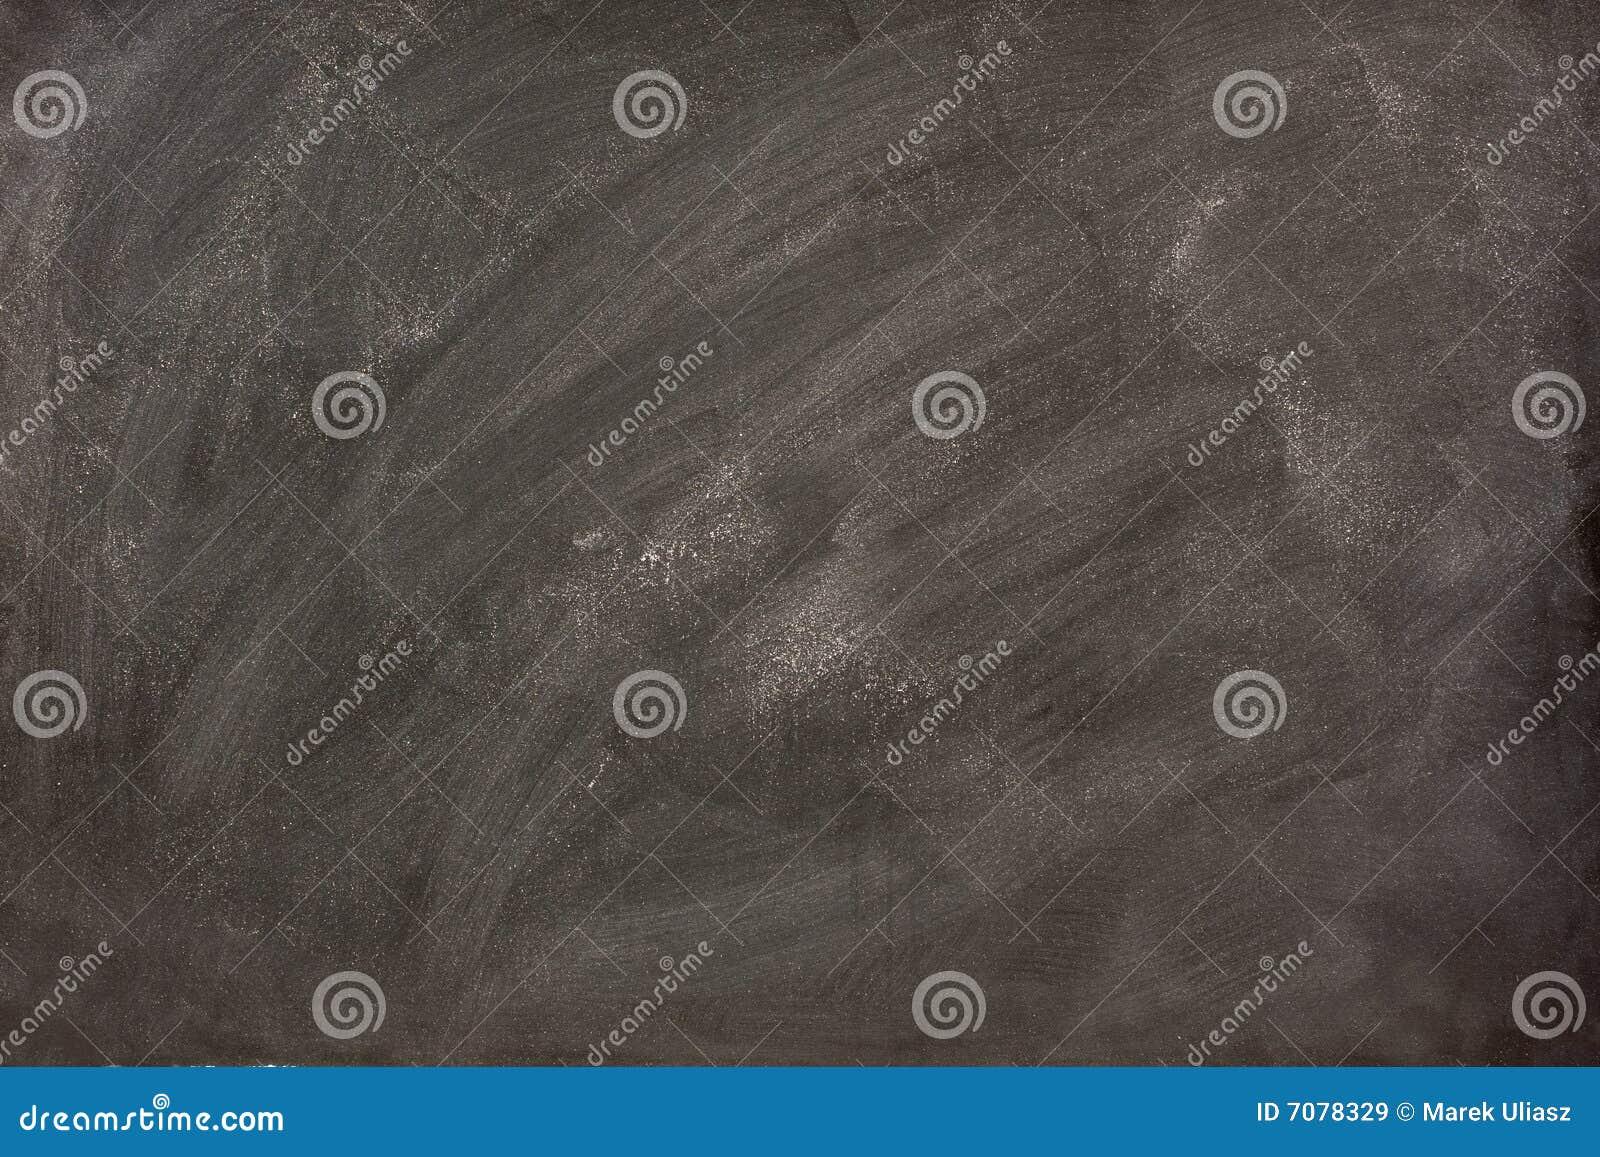 Weiße Kreideschmierstellen auf einer Tafel